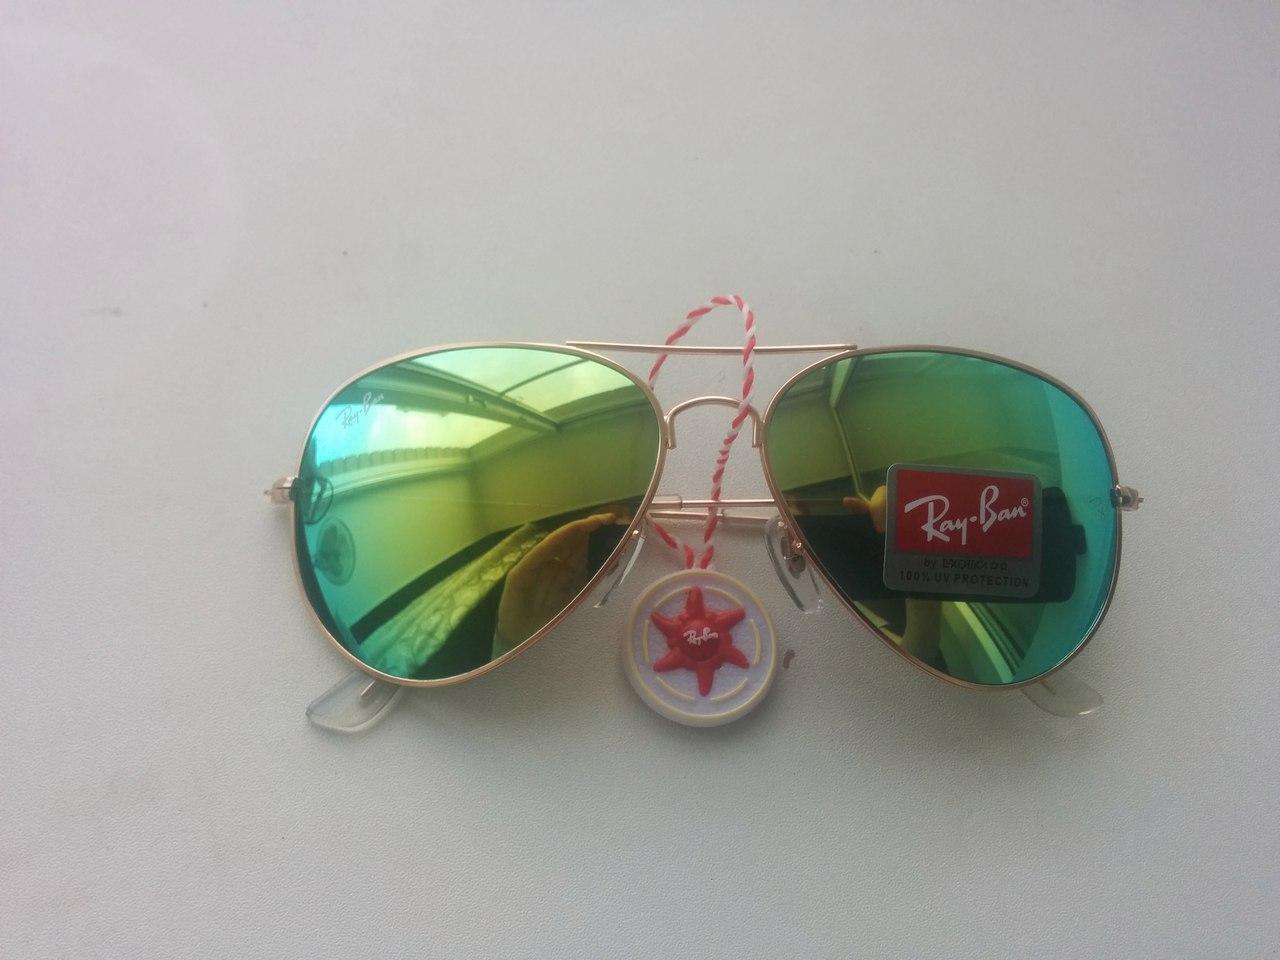 e471d8514045 Продаются очки Ray Ban! качественная реплика. Полный комплект:чехол,тряпочка  из микрофибры,бирки от фирмы,на стеклах голограммы.